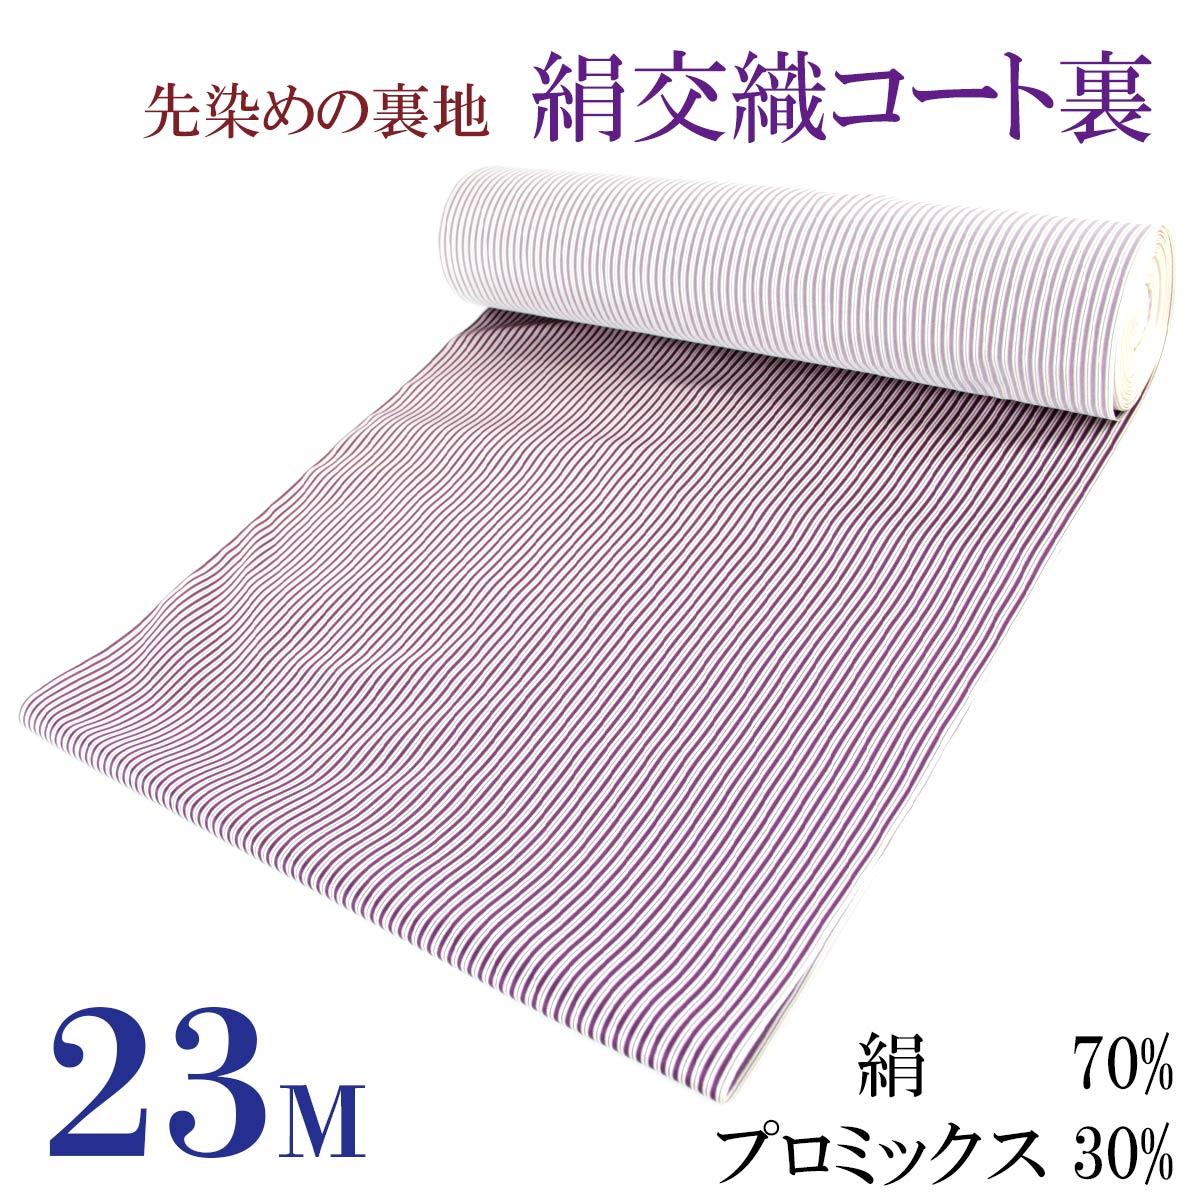 コート裏 -23H- 絹交織 縞 米沢 先染め 37cm×23m 古代紫